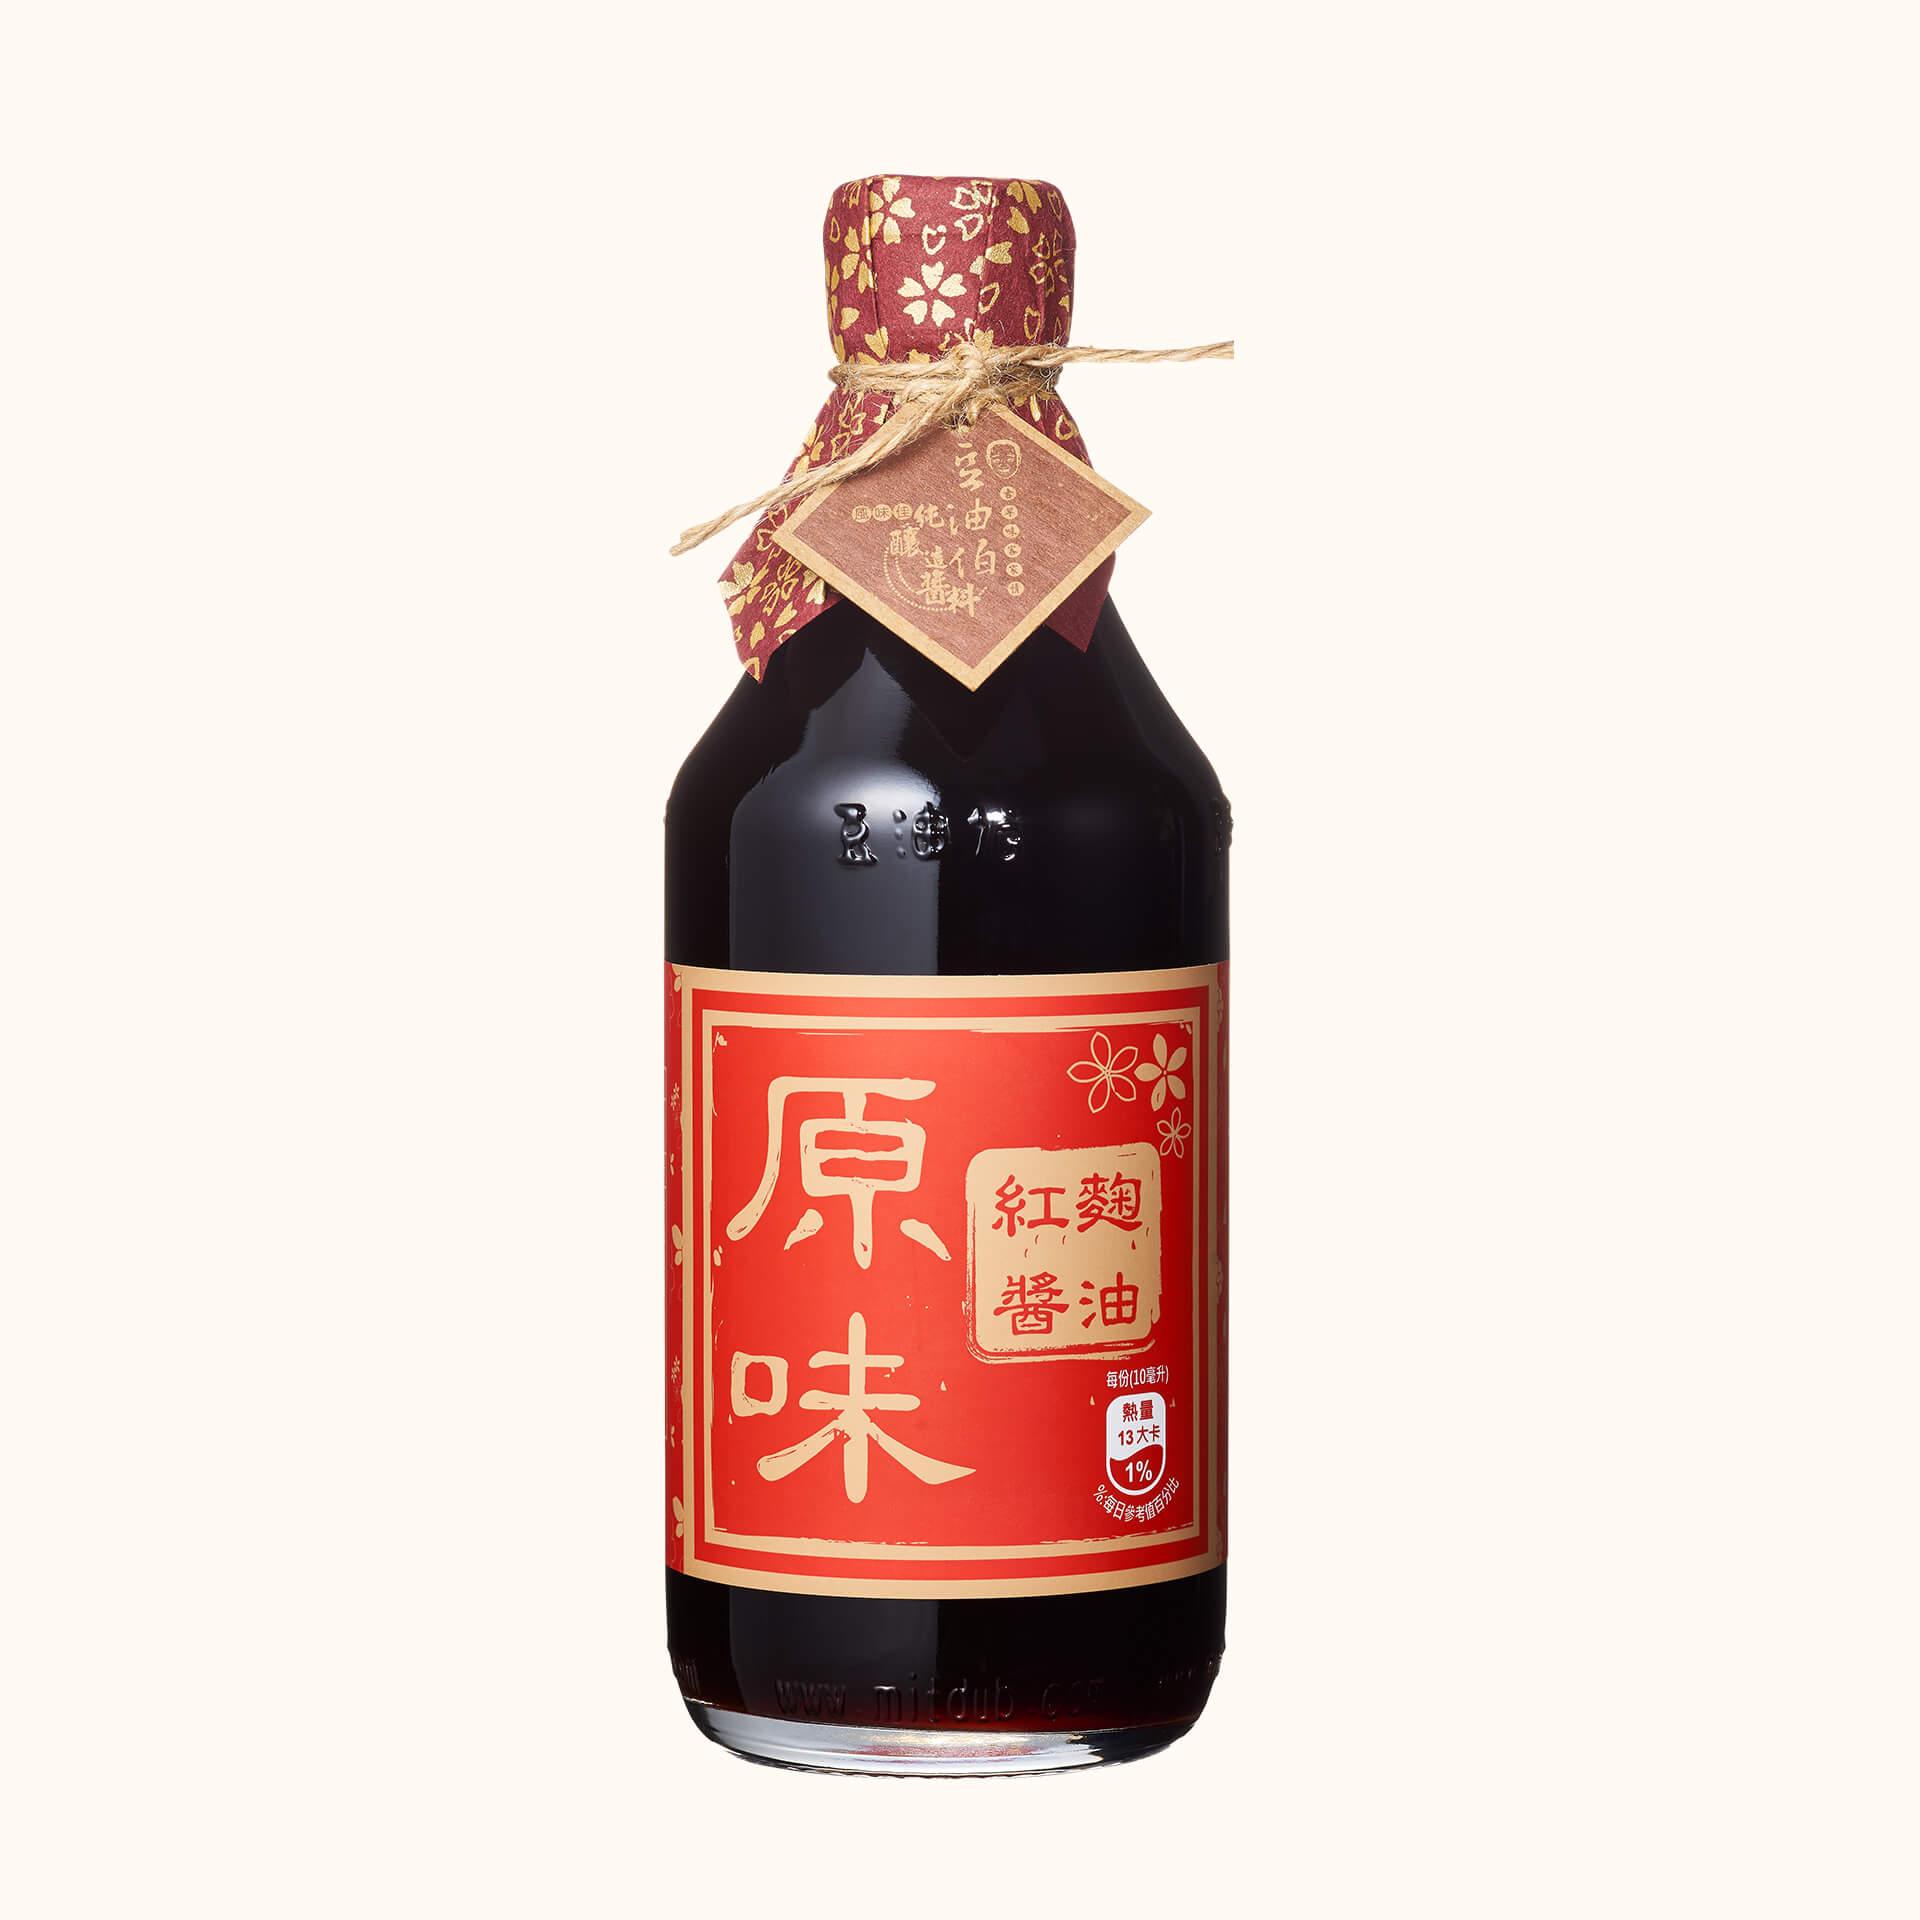 豆油伯原味紅麴釀造醬油500ml